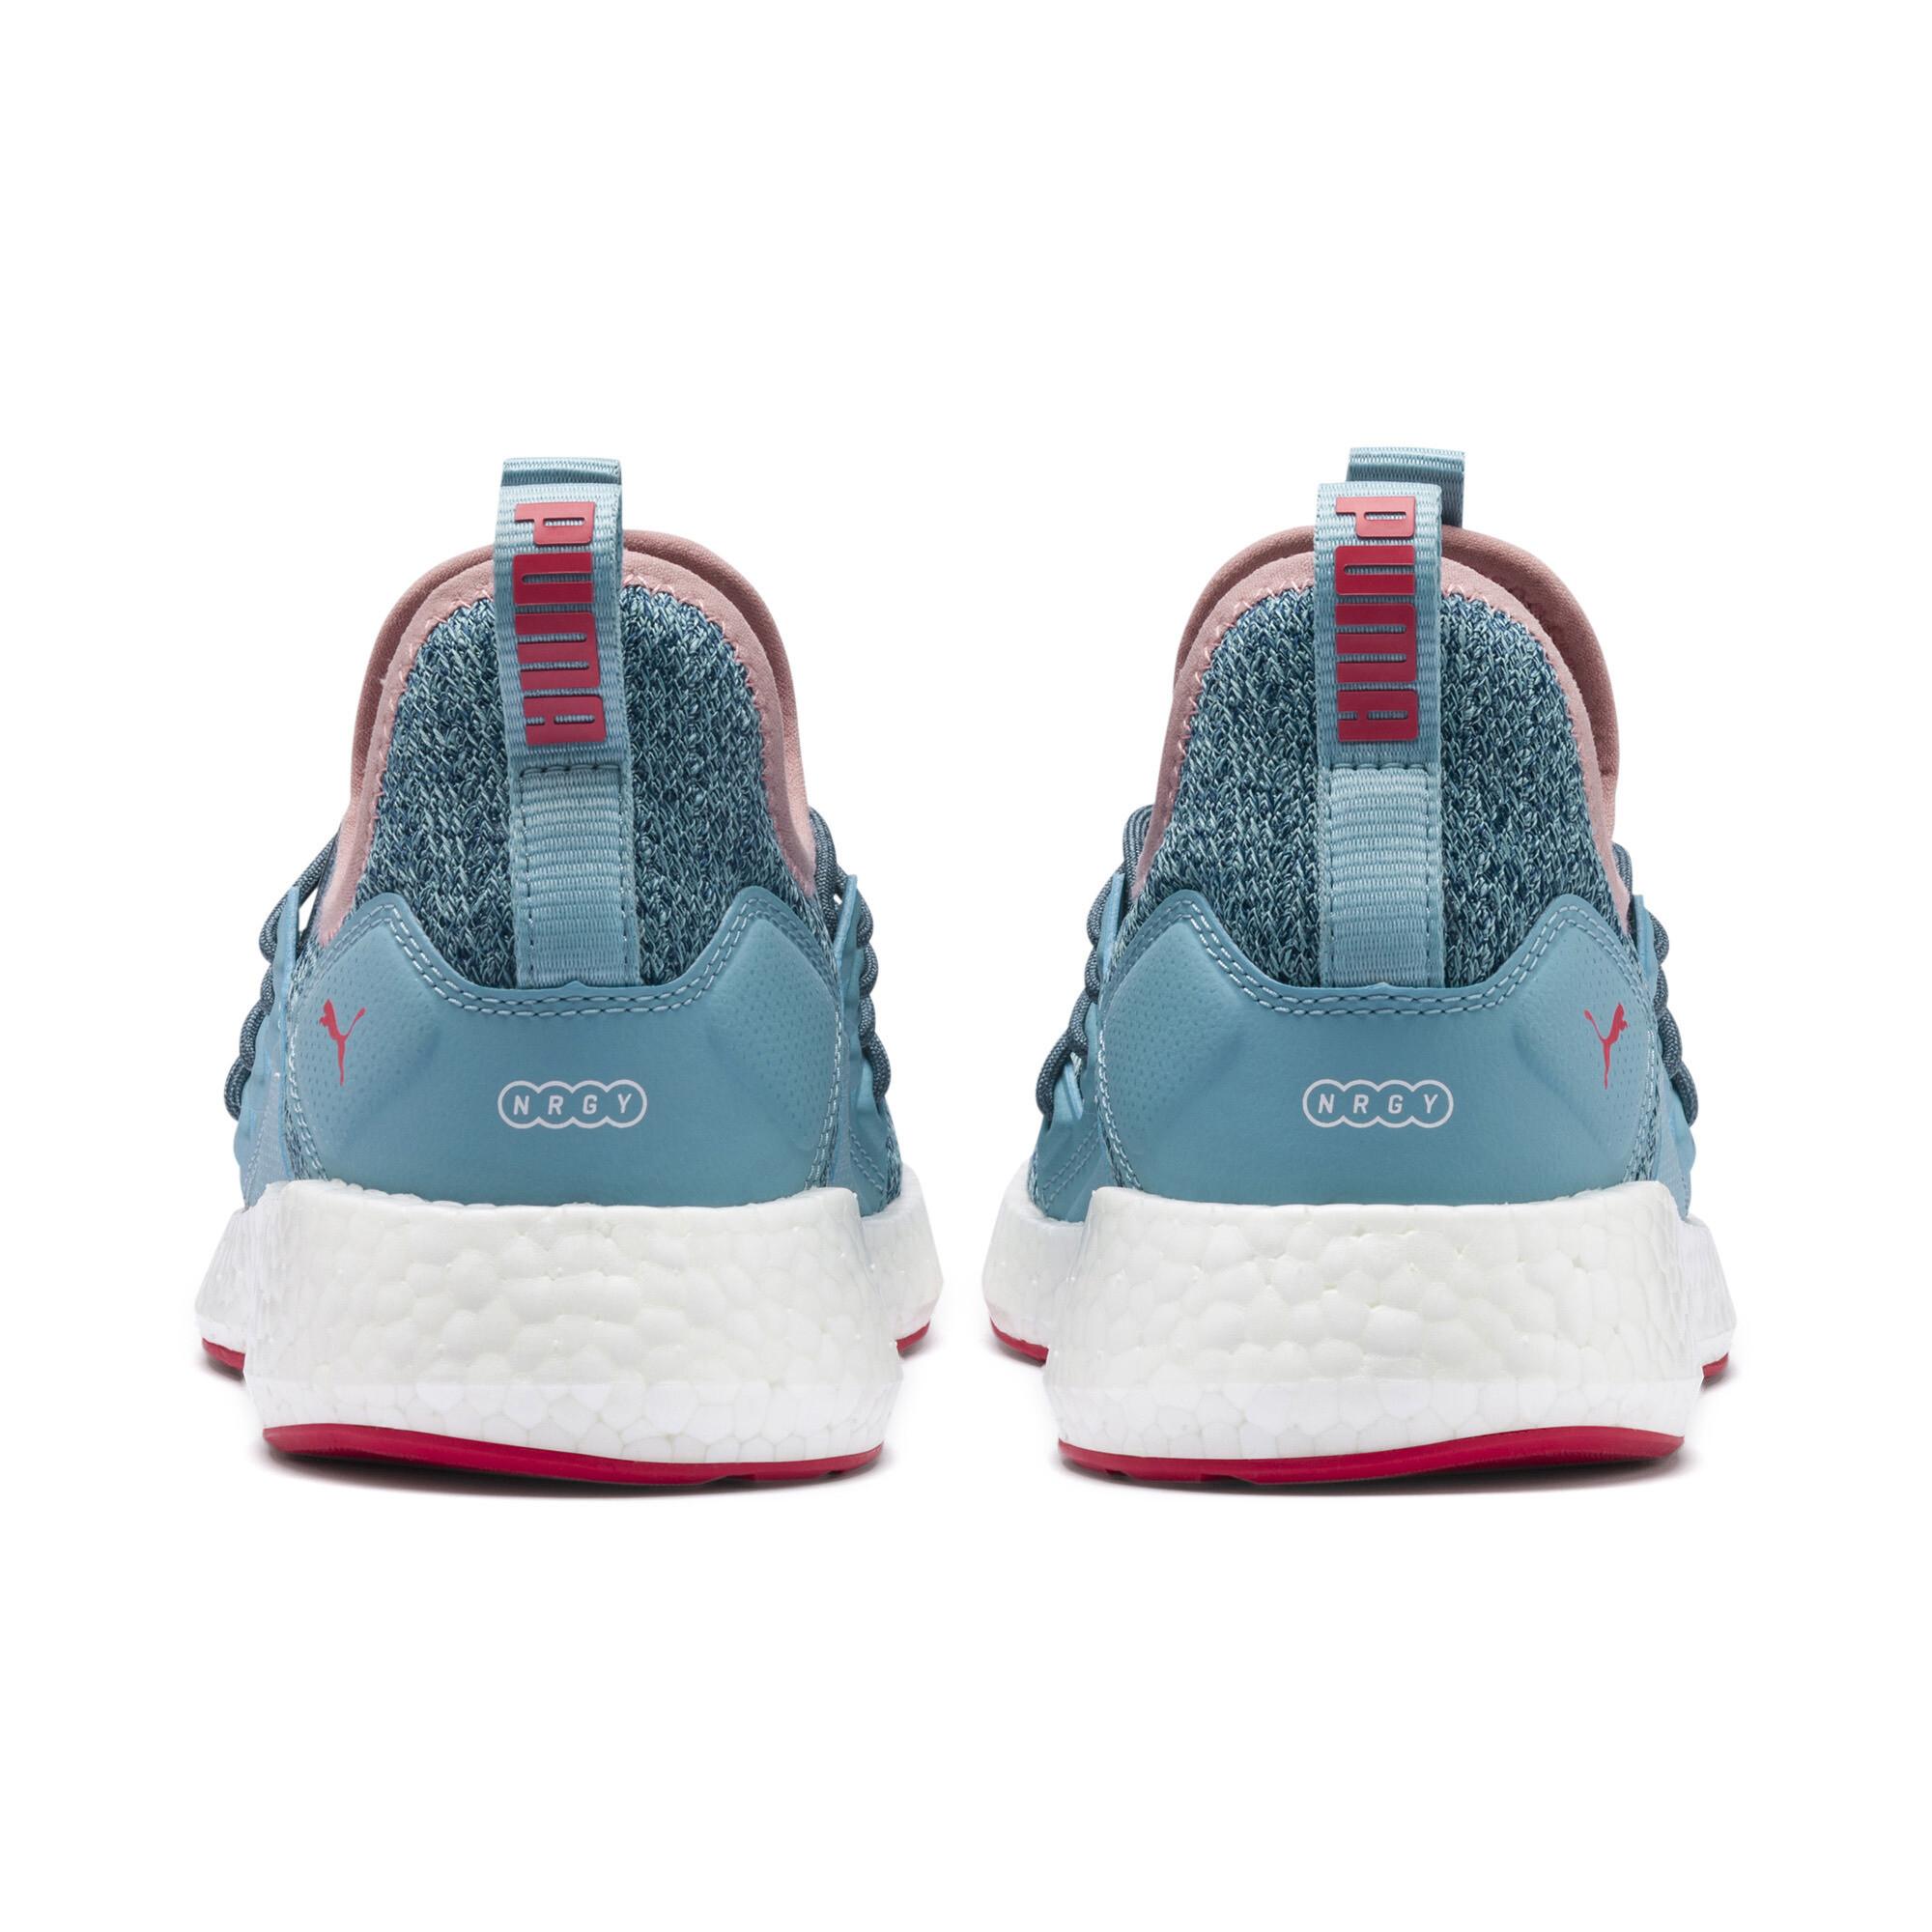 PUMA-Youth-NRGY-Neko-Knit-Running-Shoes thumbnail 15